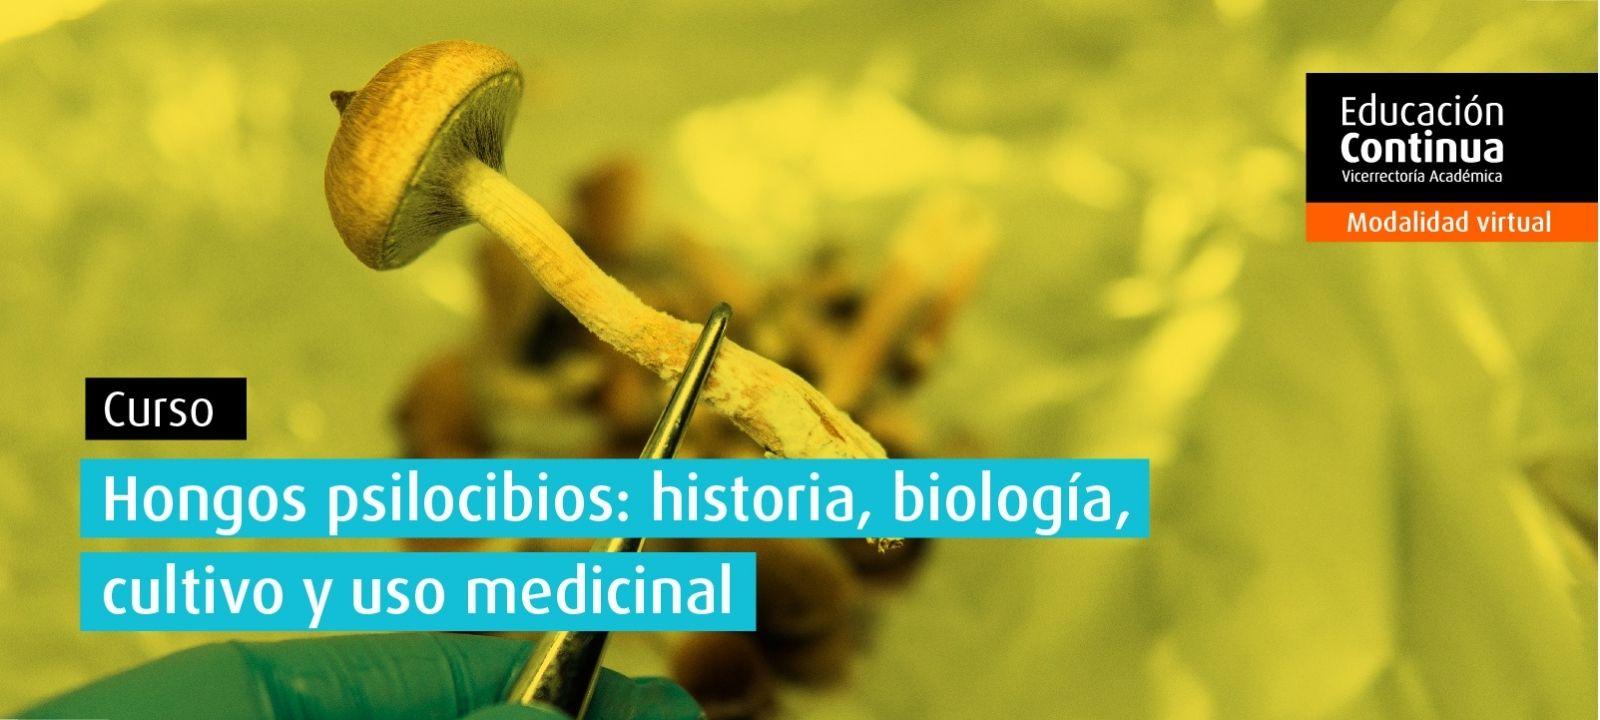 Curso virtual | Hongos psilocibios: historia, biología, cultivo y uso medicinal